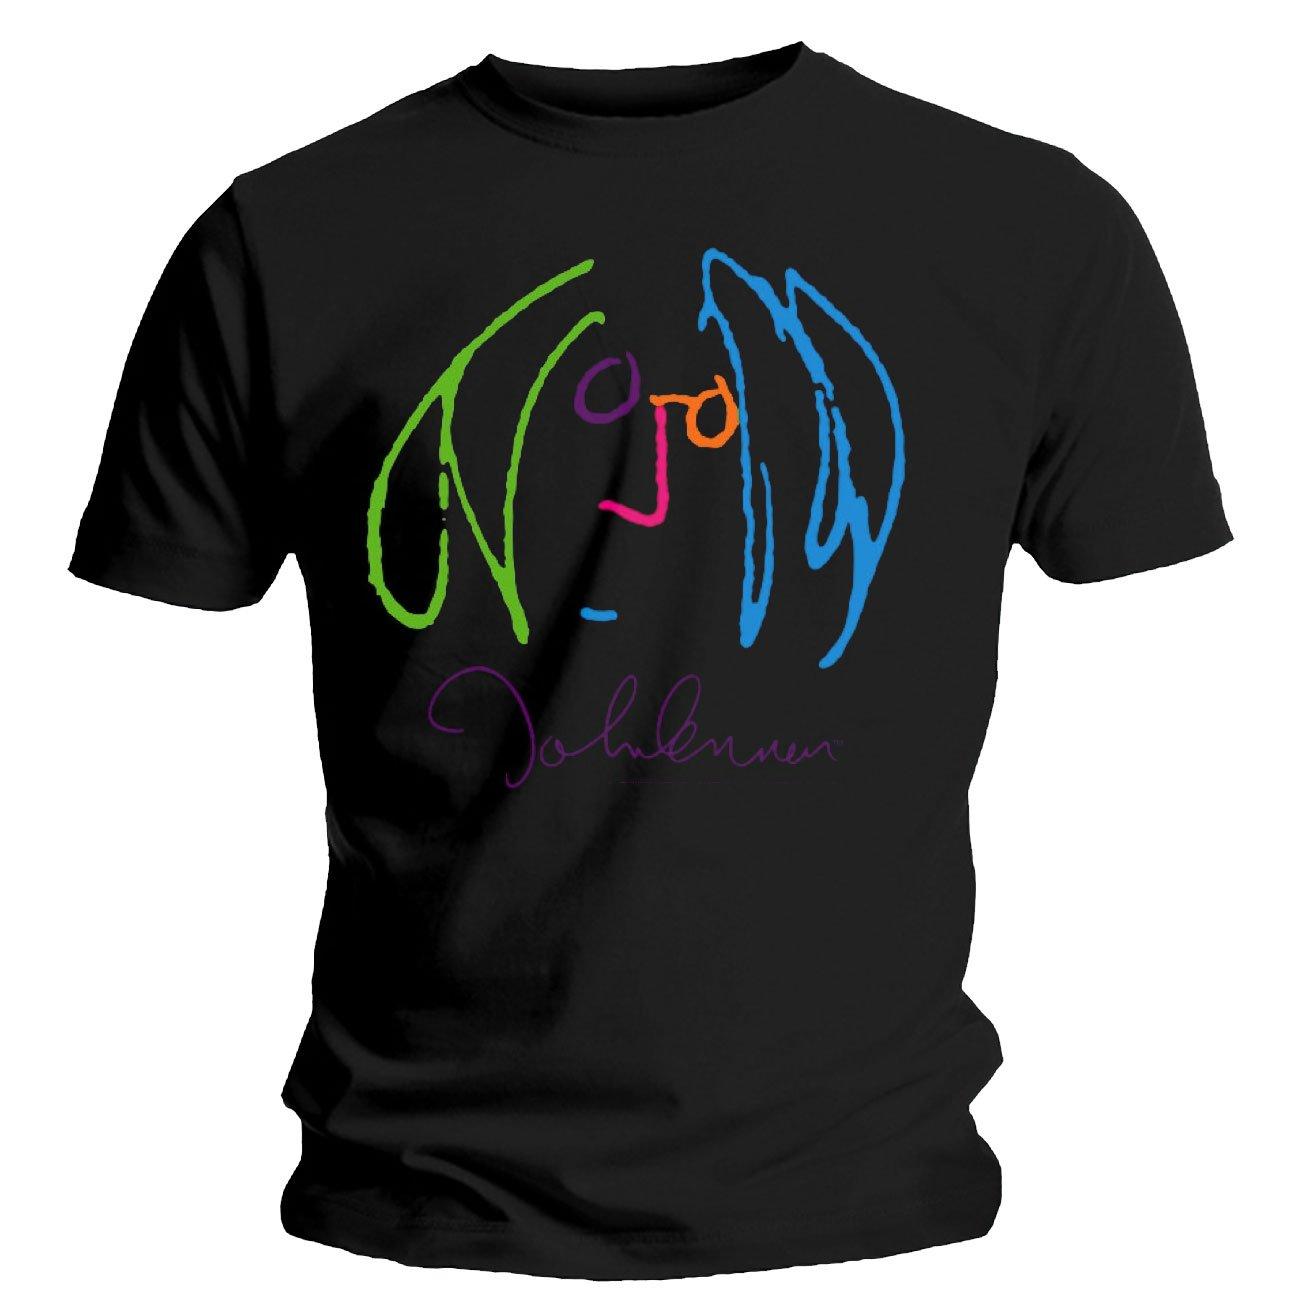 John Lennon Backlight S Tshirt Black Xx